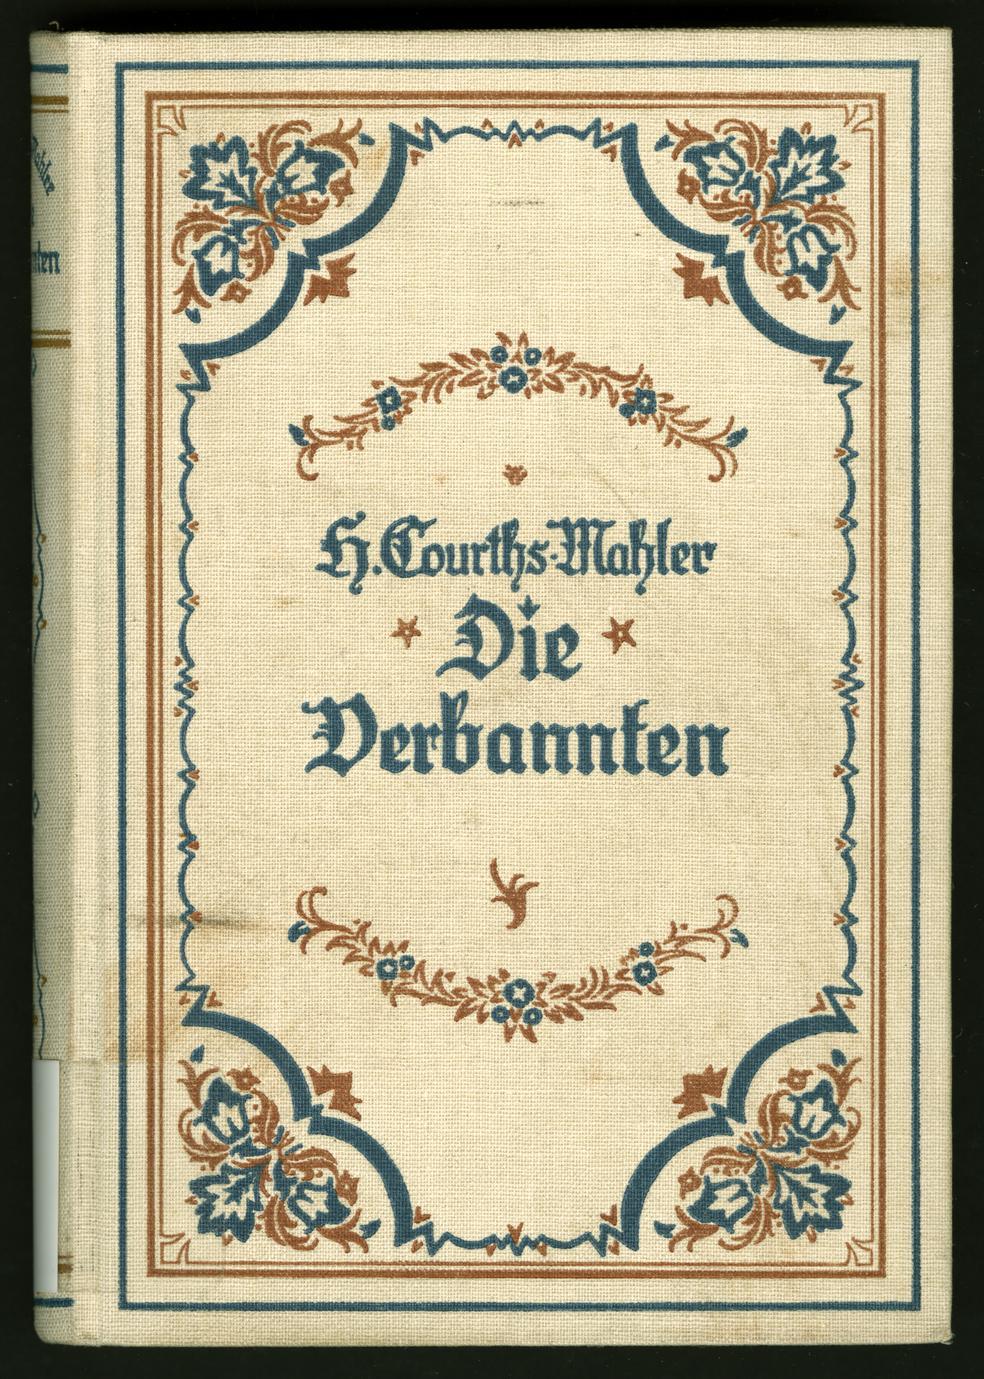 Die Verbannten (1 of 4)